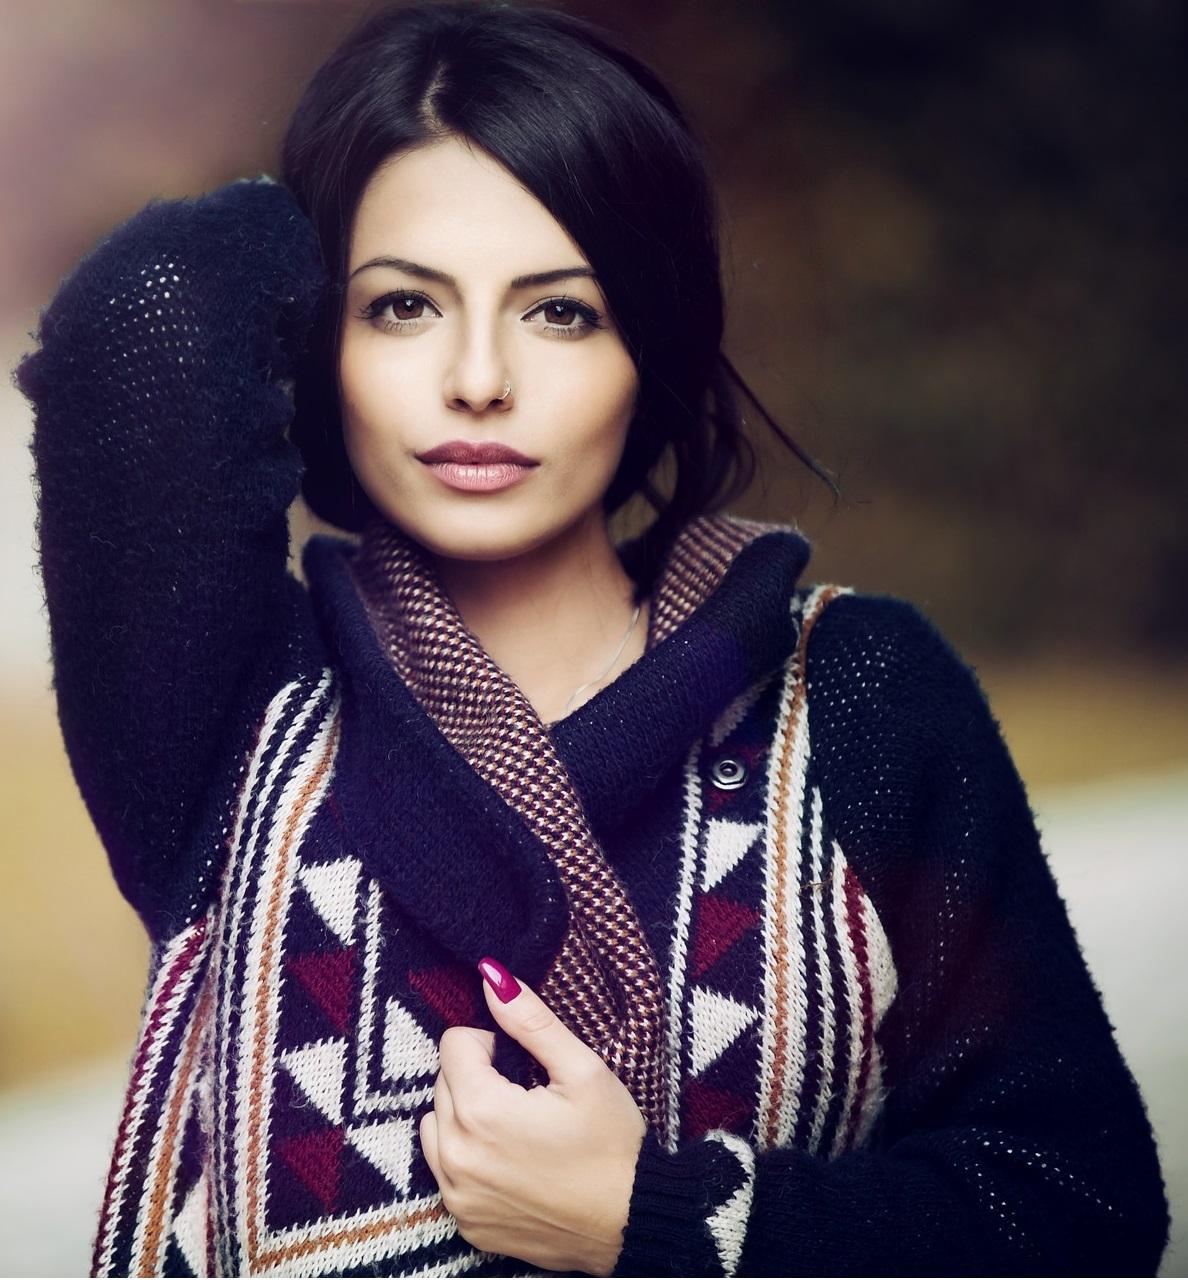 ukrainske kvinder dating unge danske ludere